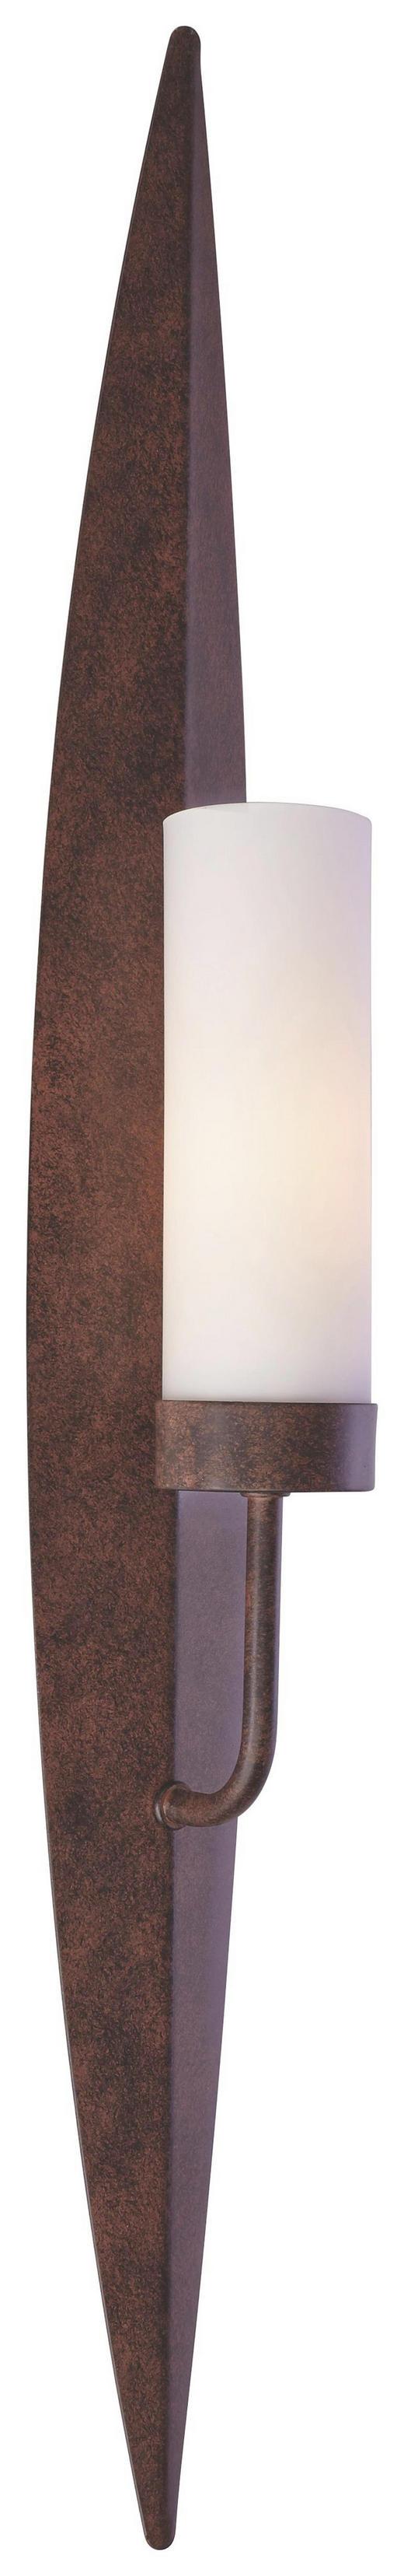 WANDLEUCHTE - Rostfarben, ROMANTIK / LANDHAUS, Glas/Metall (70cm)